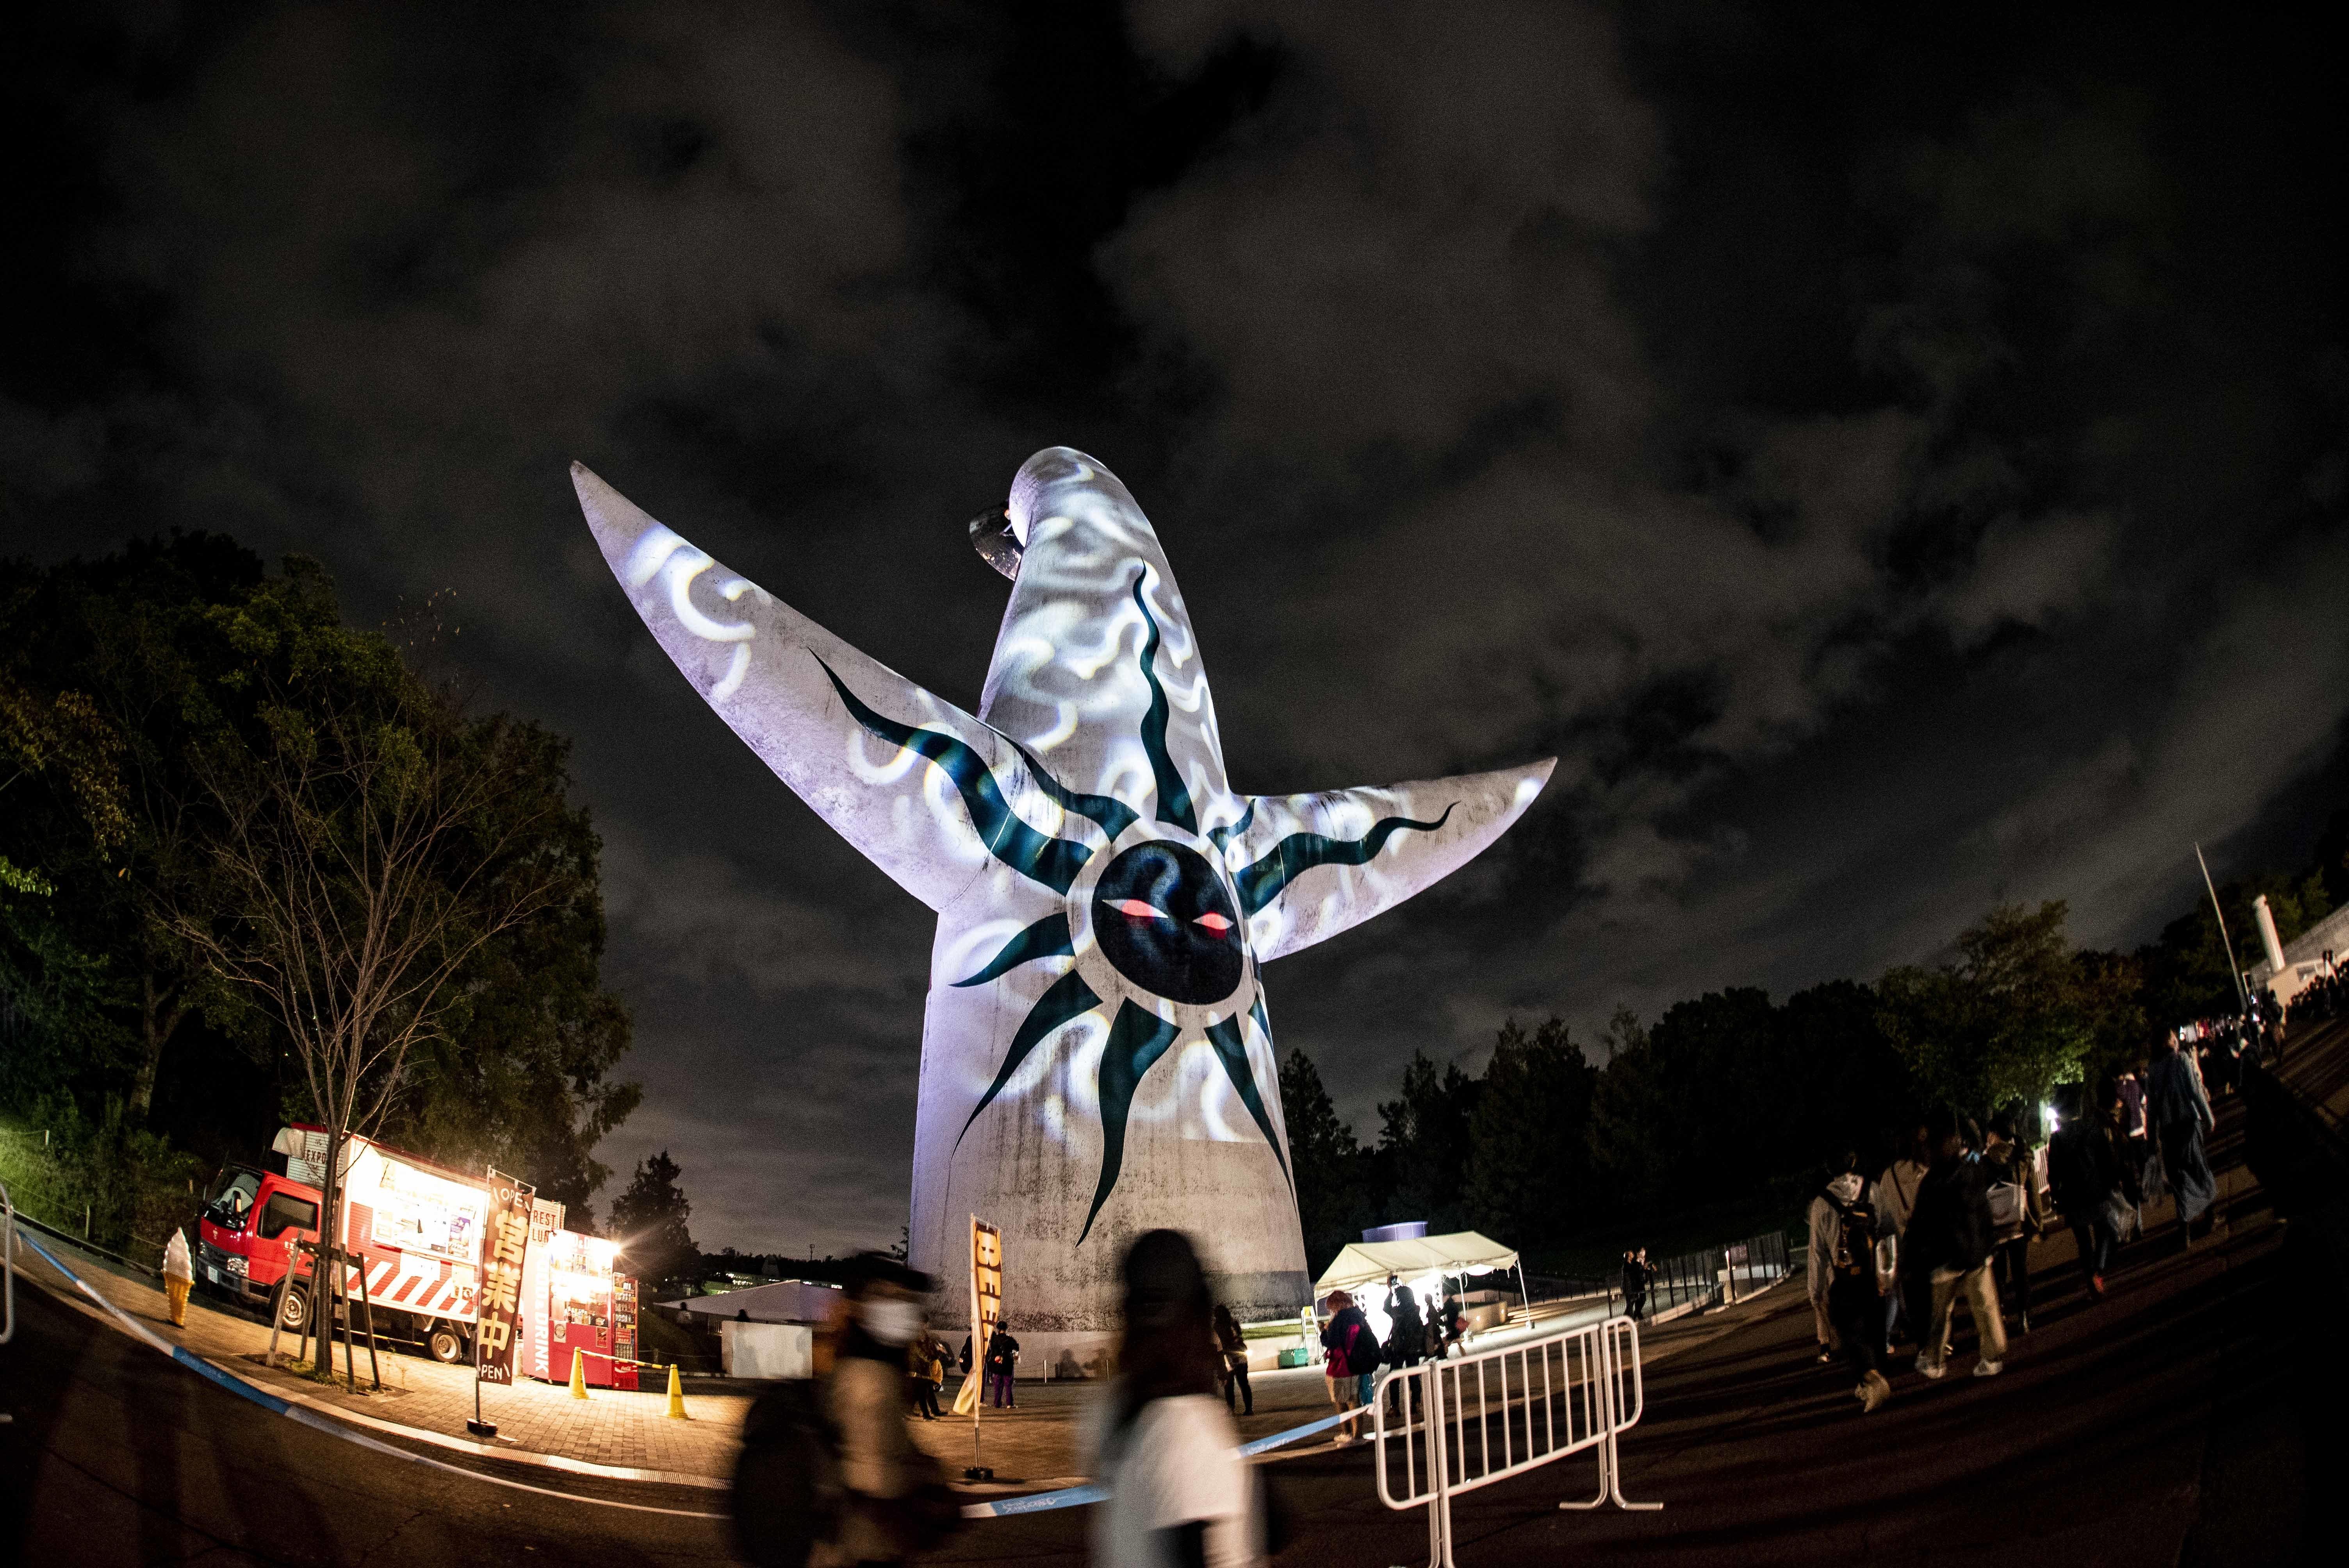 『大阪文化芸術フェス presents OSAKA GENKi PARK』